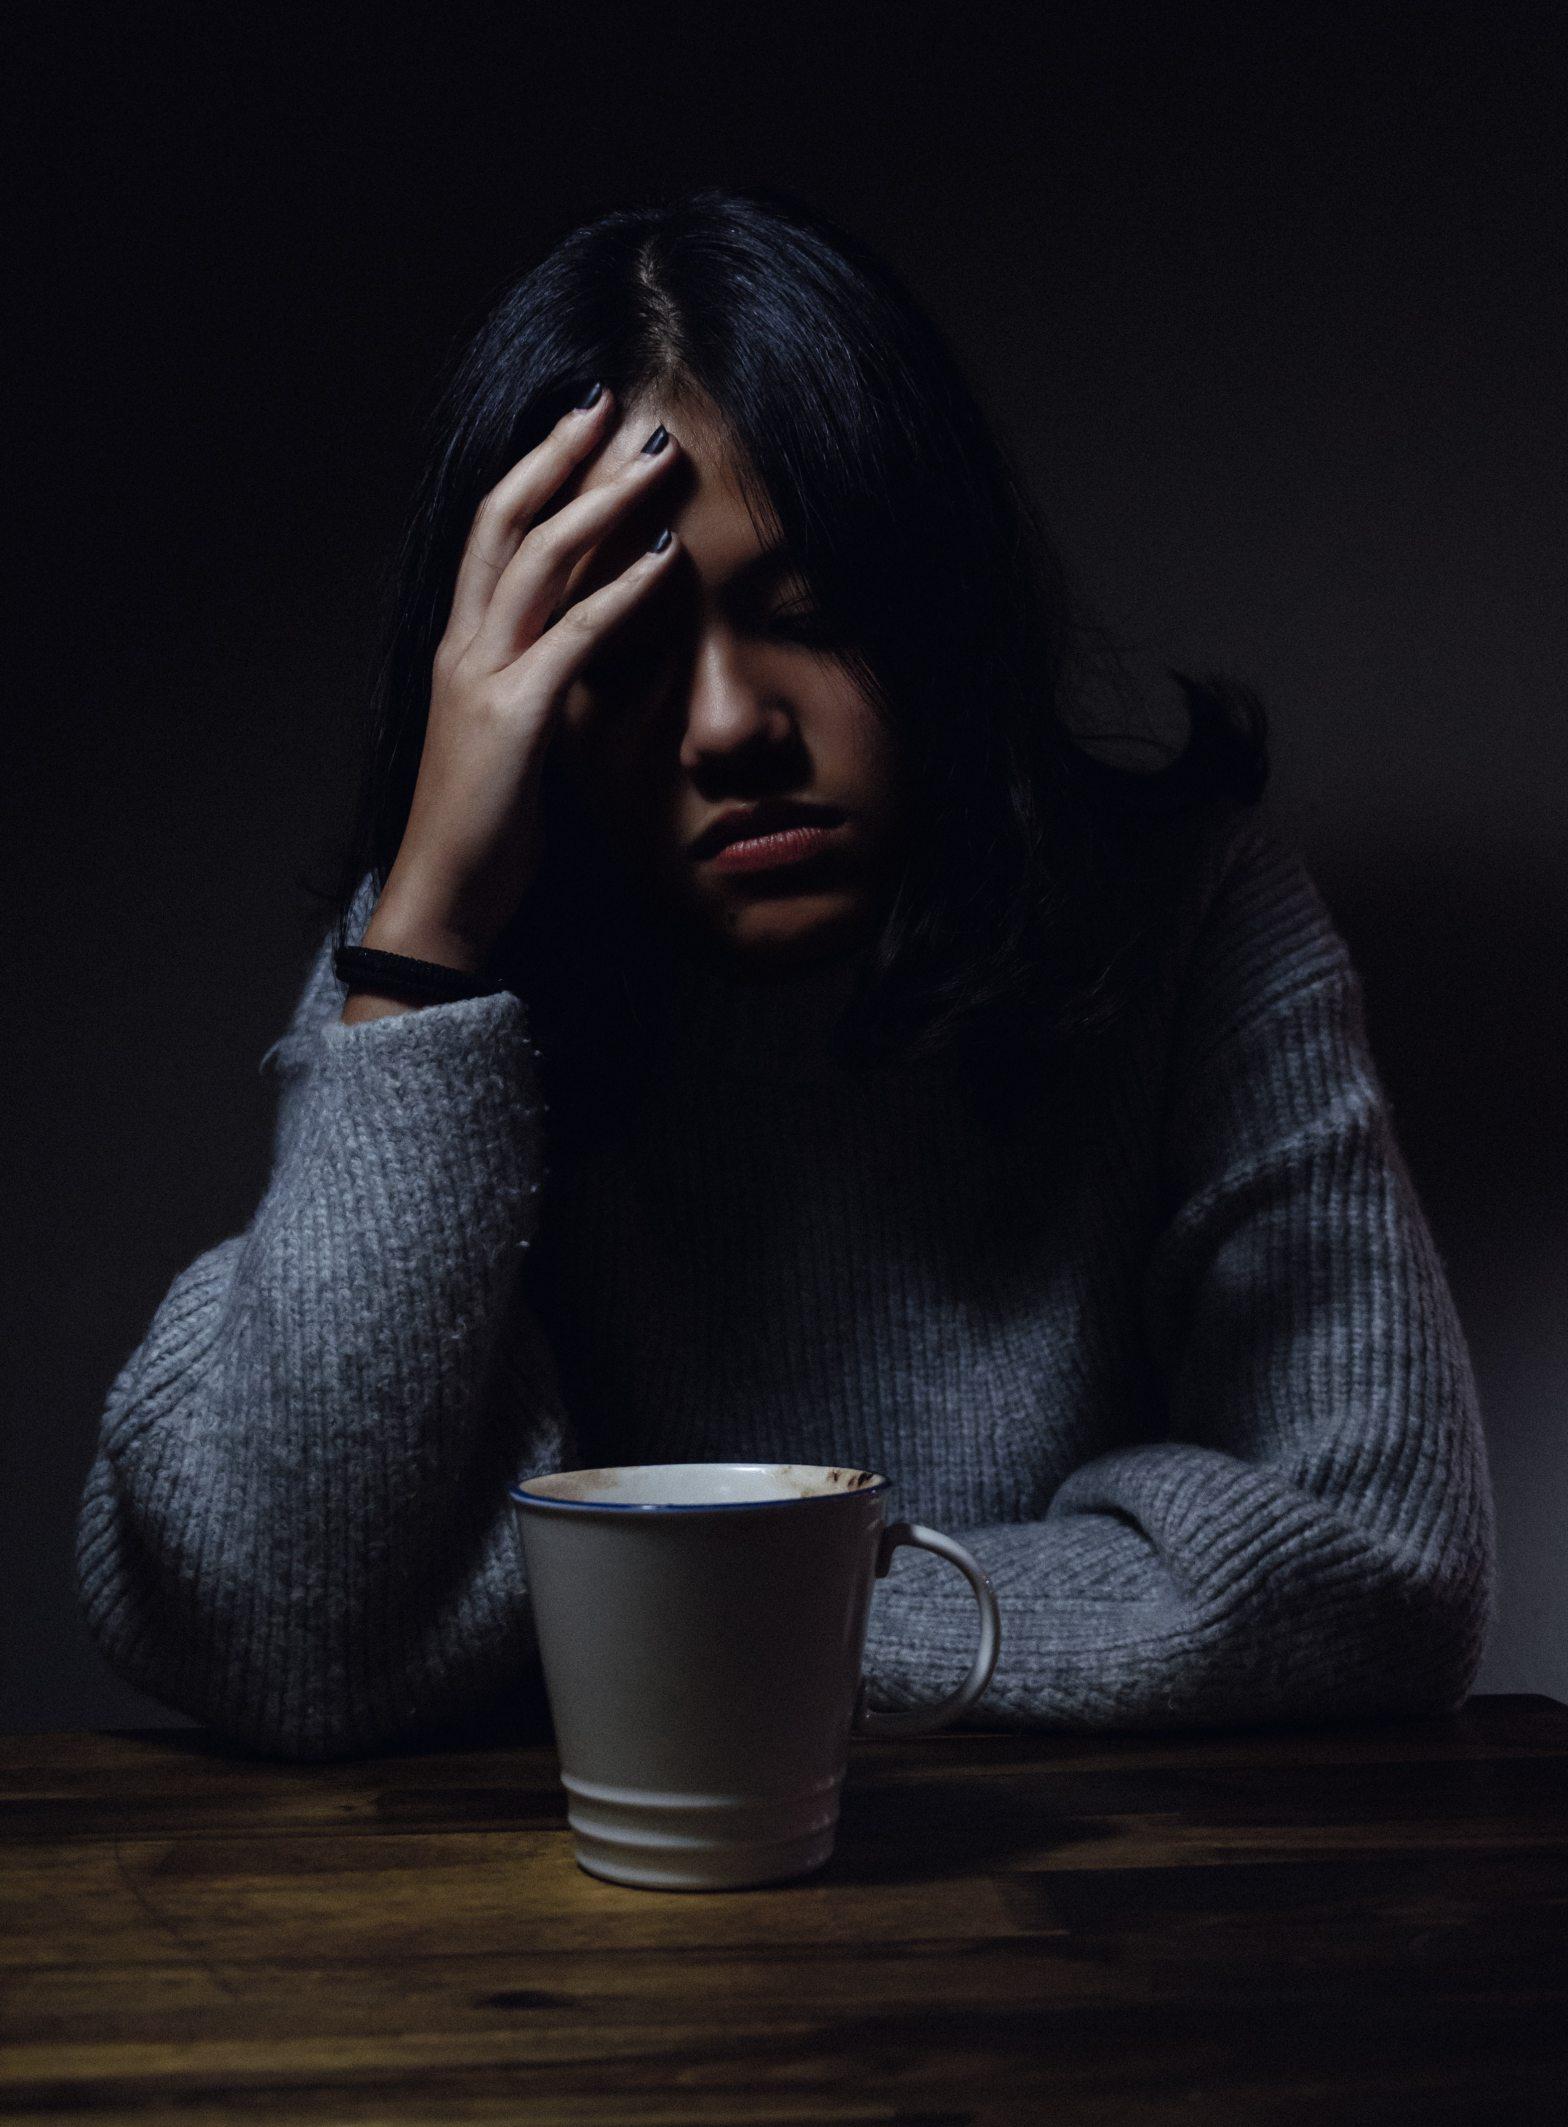 A imagem mostra uma pessoa em sofrimento emocional com a cabeça curvada, aparência triste e com a mão direita segurando a cabeça. Uma caneca cinza está posicionado ao centro da imagem, sobre a mesa de madeira.